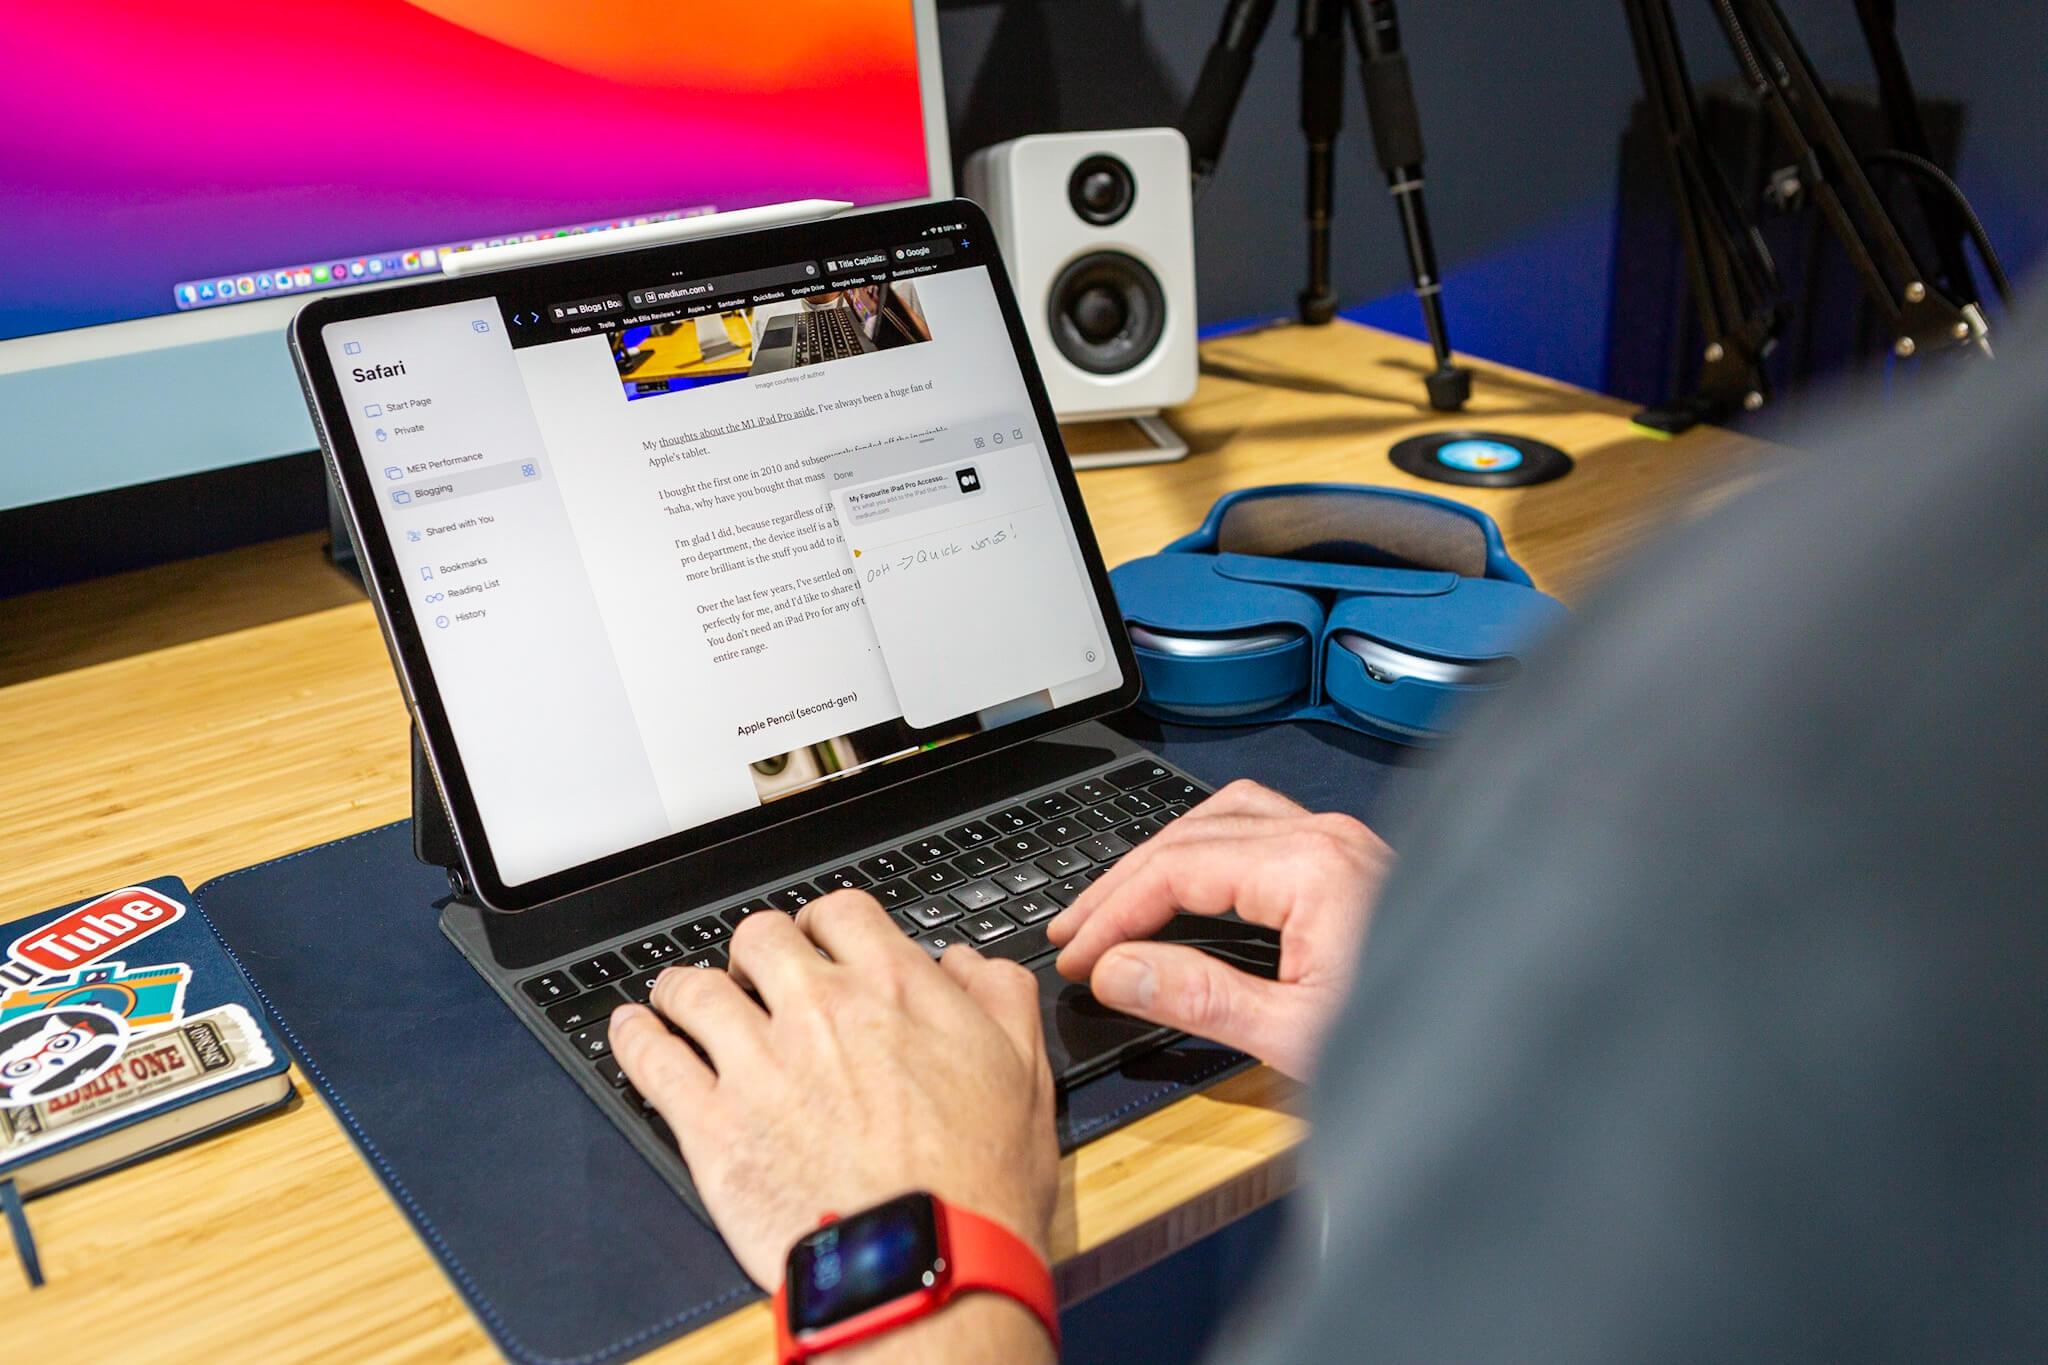 iPadOS 15 beta review